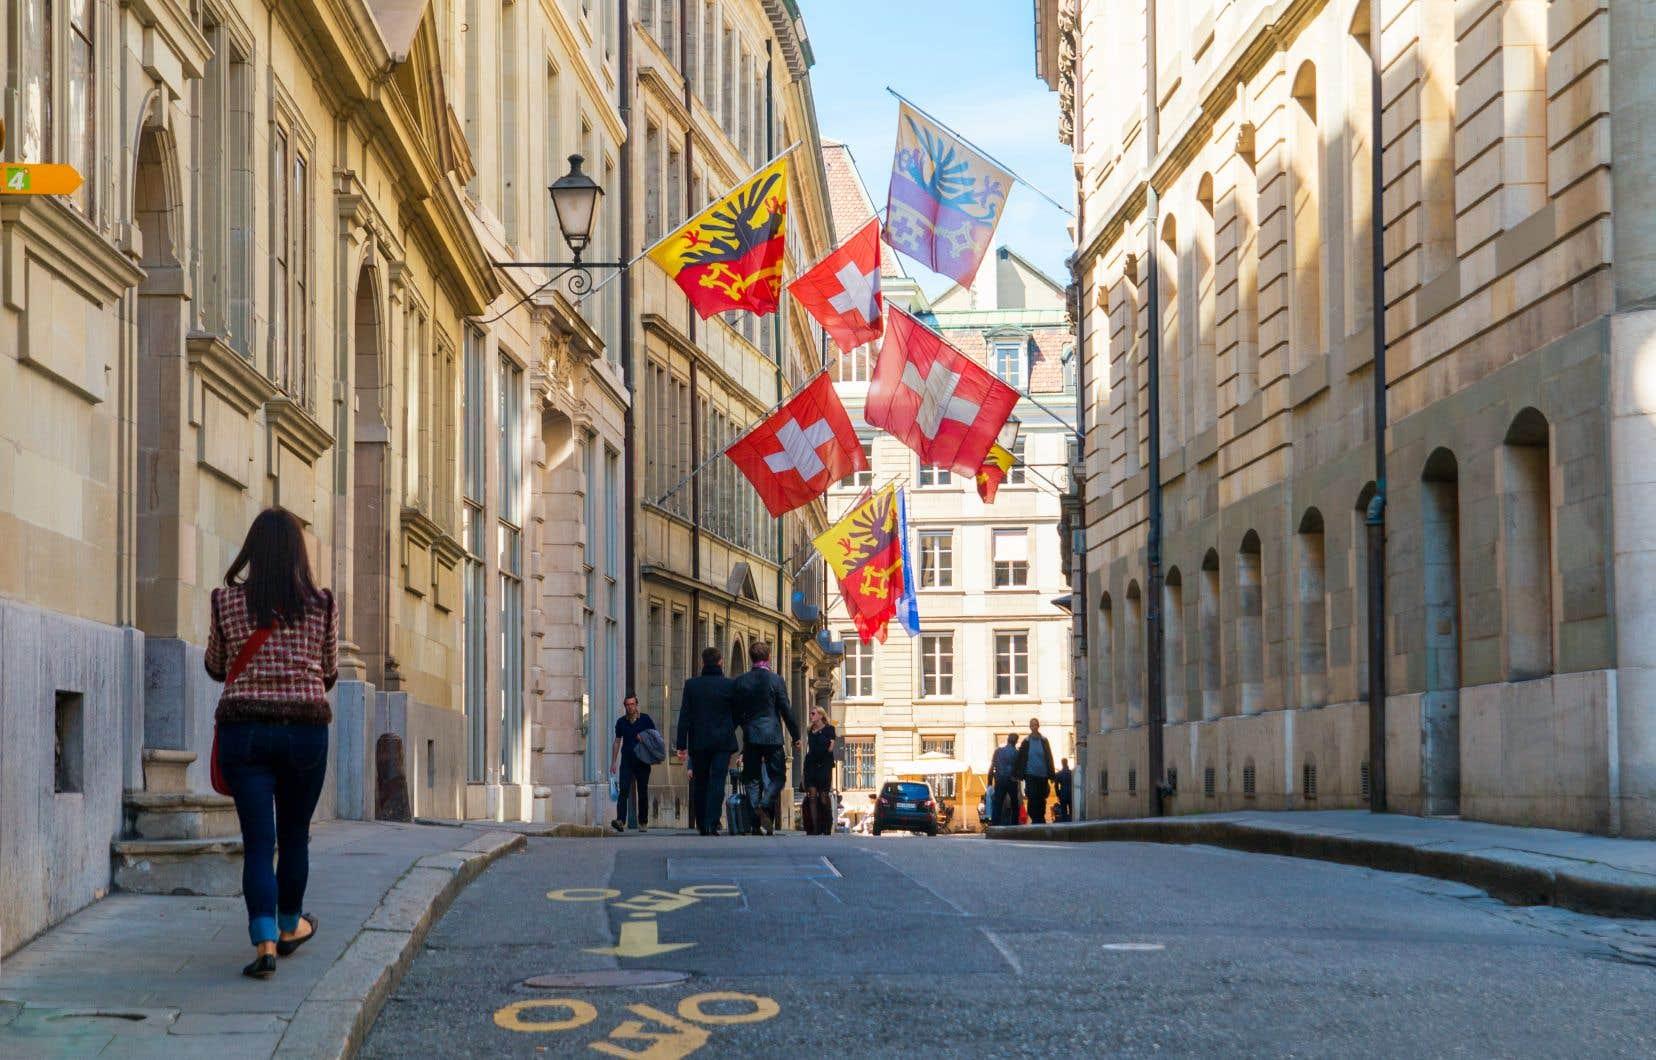 «À certains égards [...], dans l'histoire récente, [la Suisse] n'a pas donné l'image d'une société d'avant-garde mais plutôt celle d'un bastion du conservatisme le plus obstiné», affirme l'auteur.